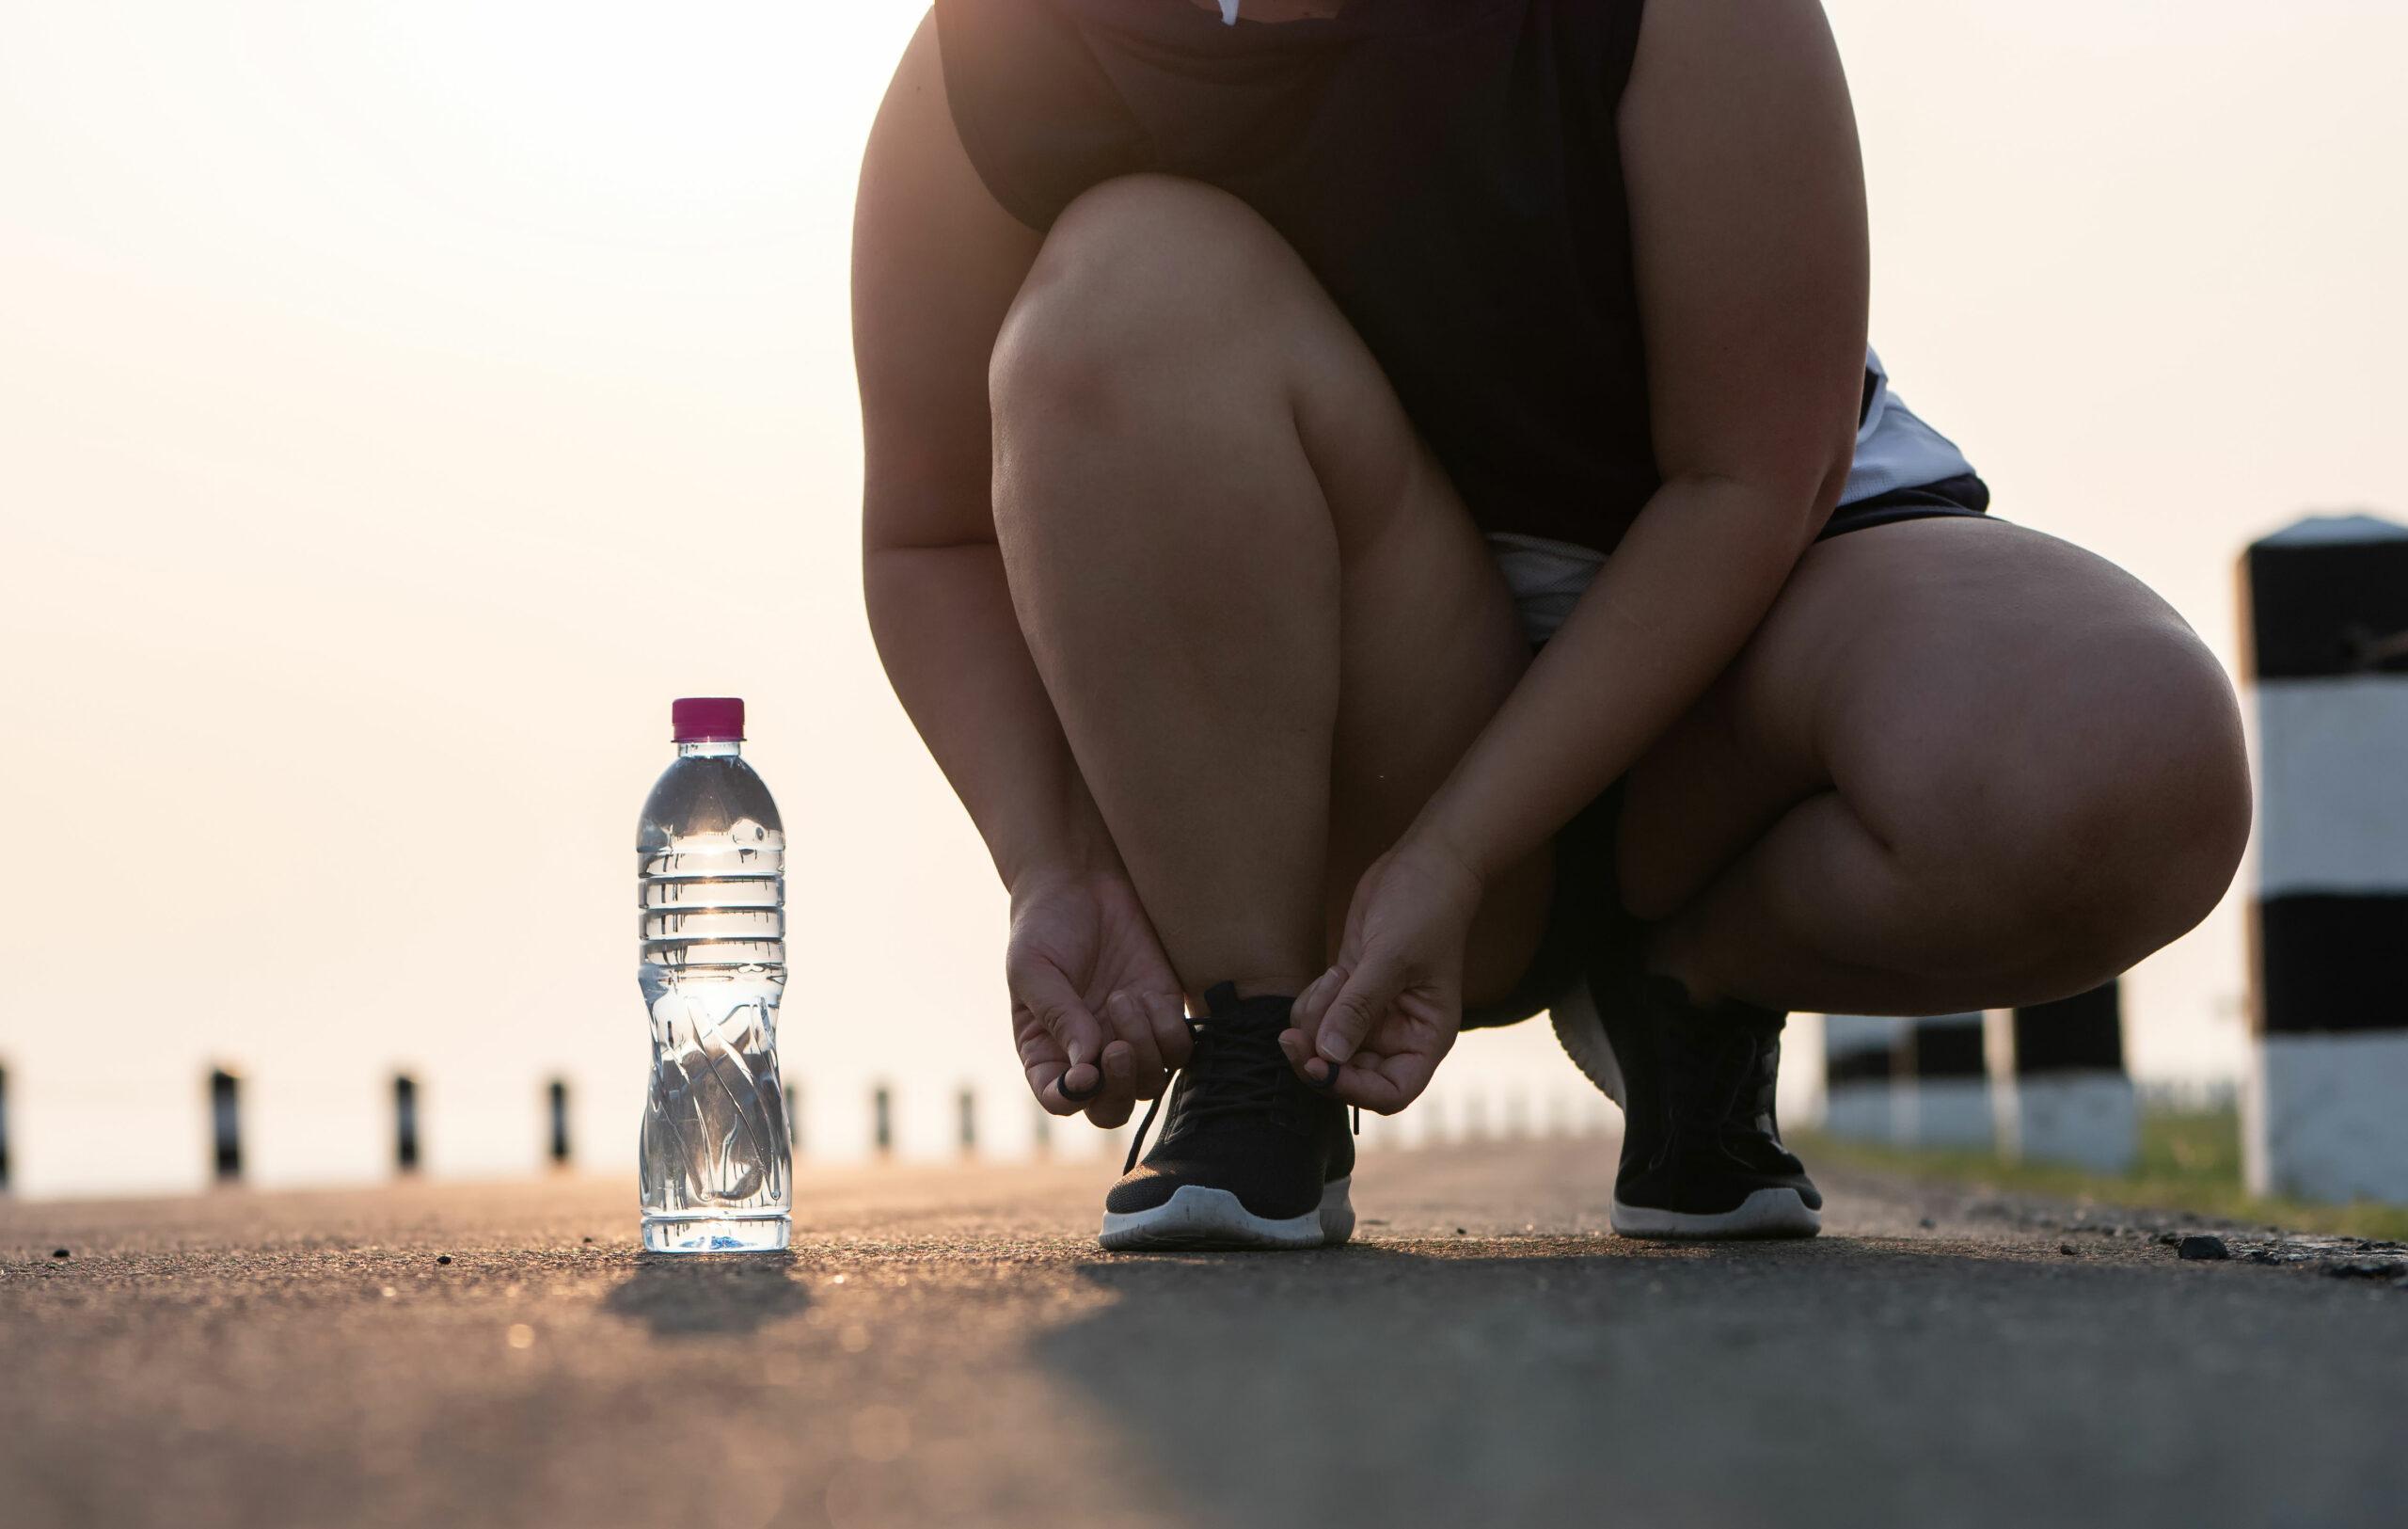 Juoksija solmii kengännauhojaan.